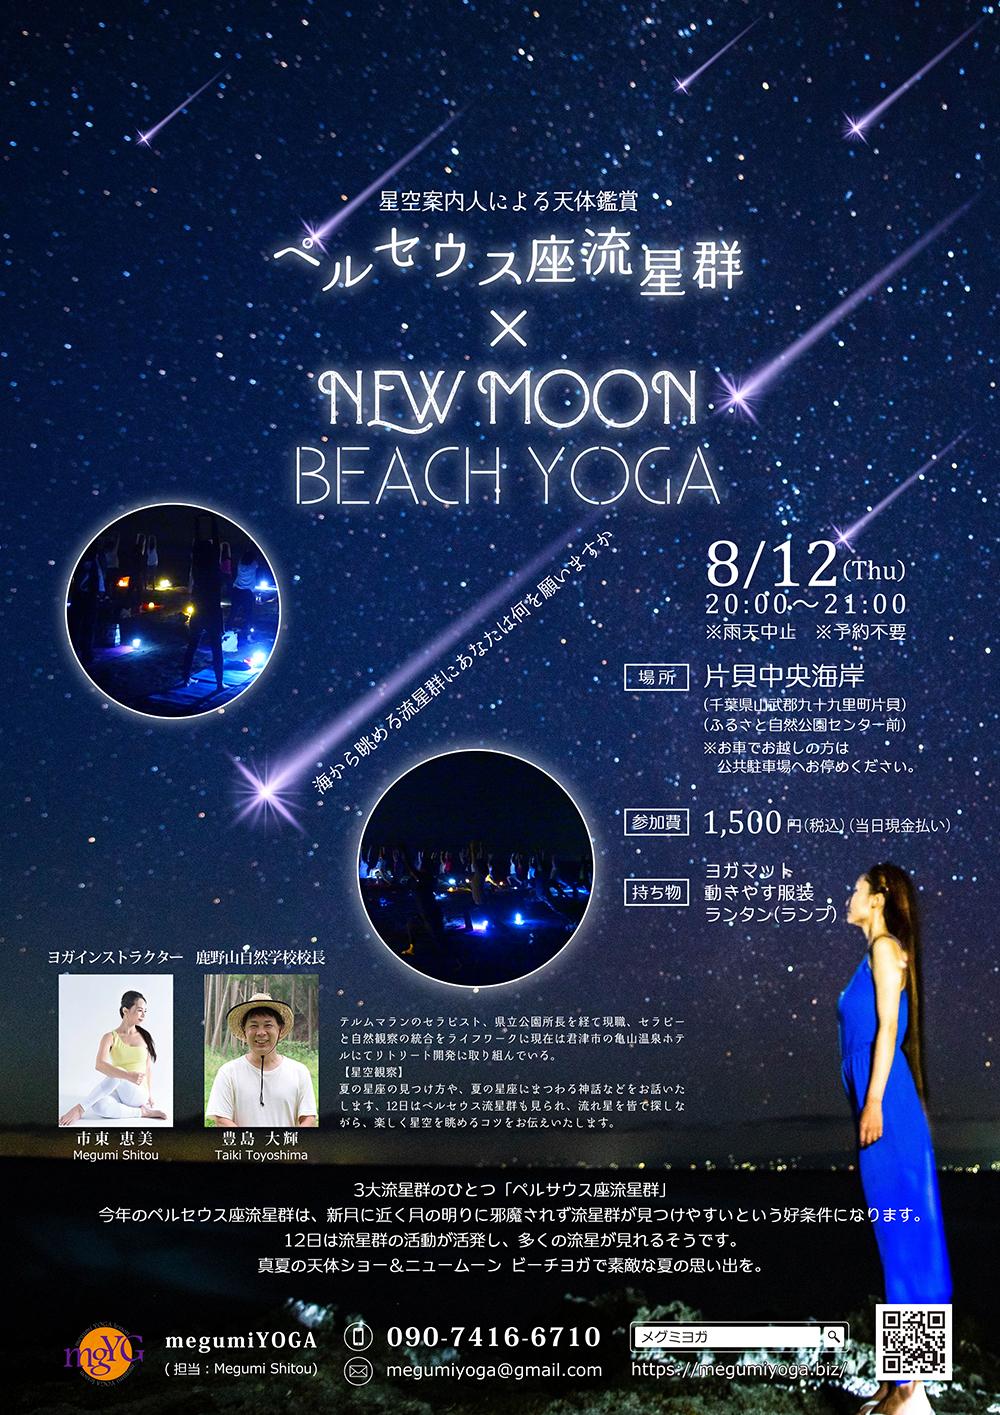 ペルセウス座流星群 × NEW MOON BEACH YOGA